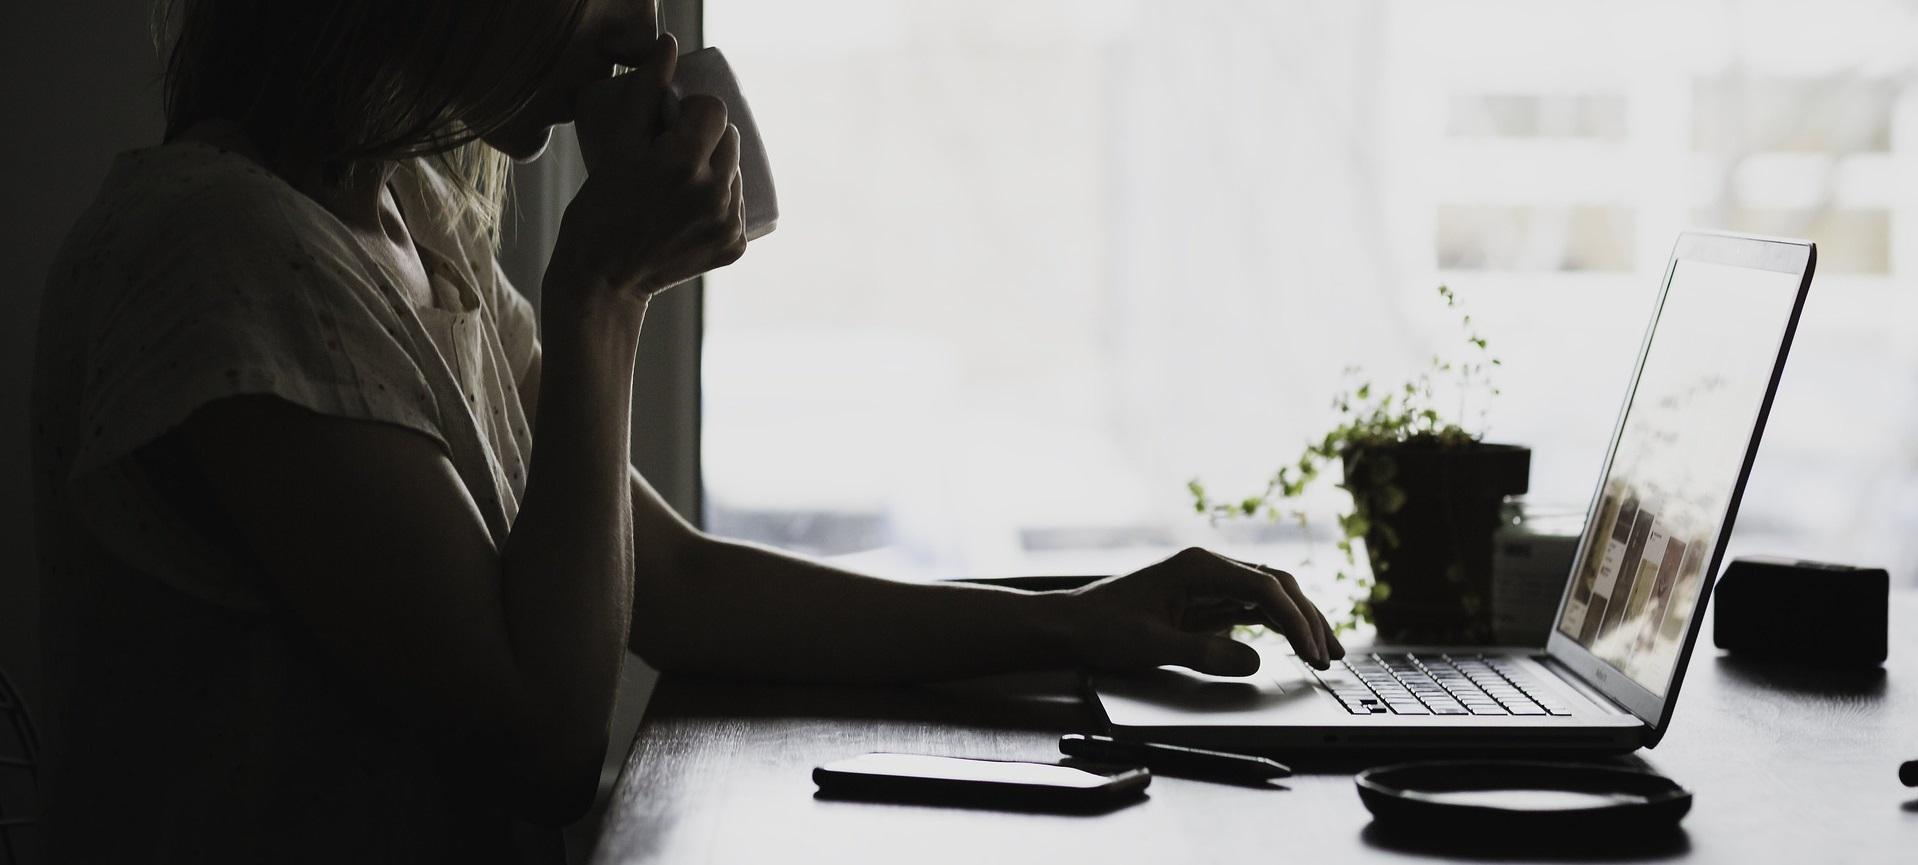 Jak zwracać się do innych w internecie